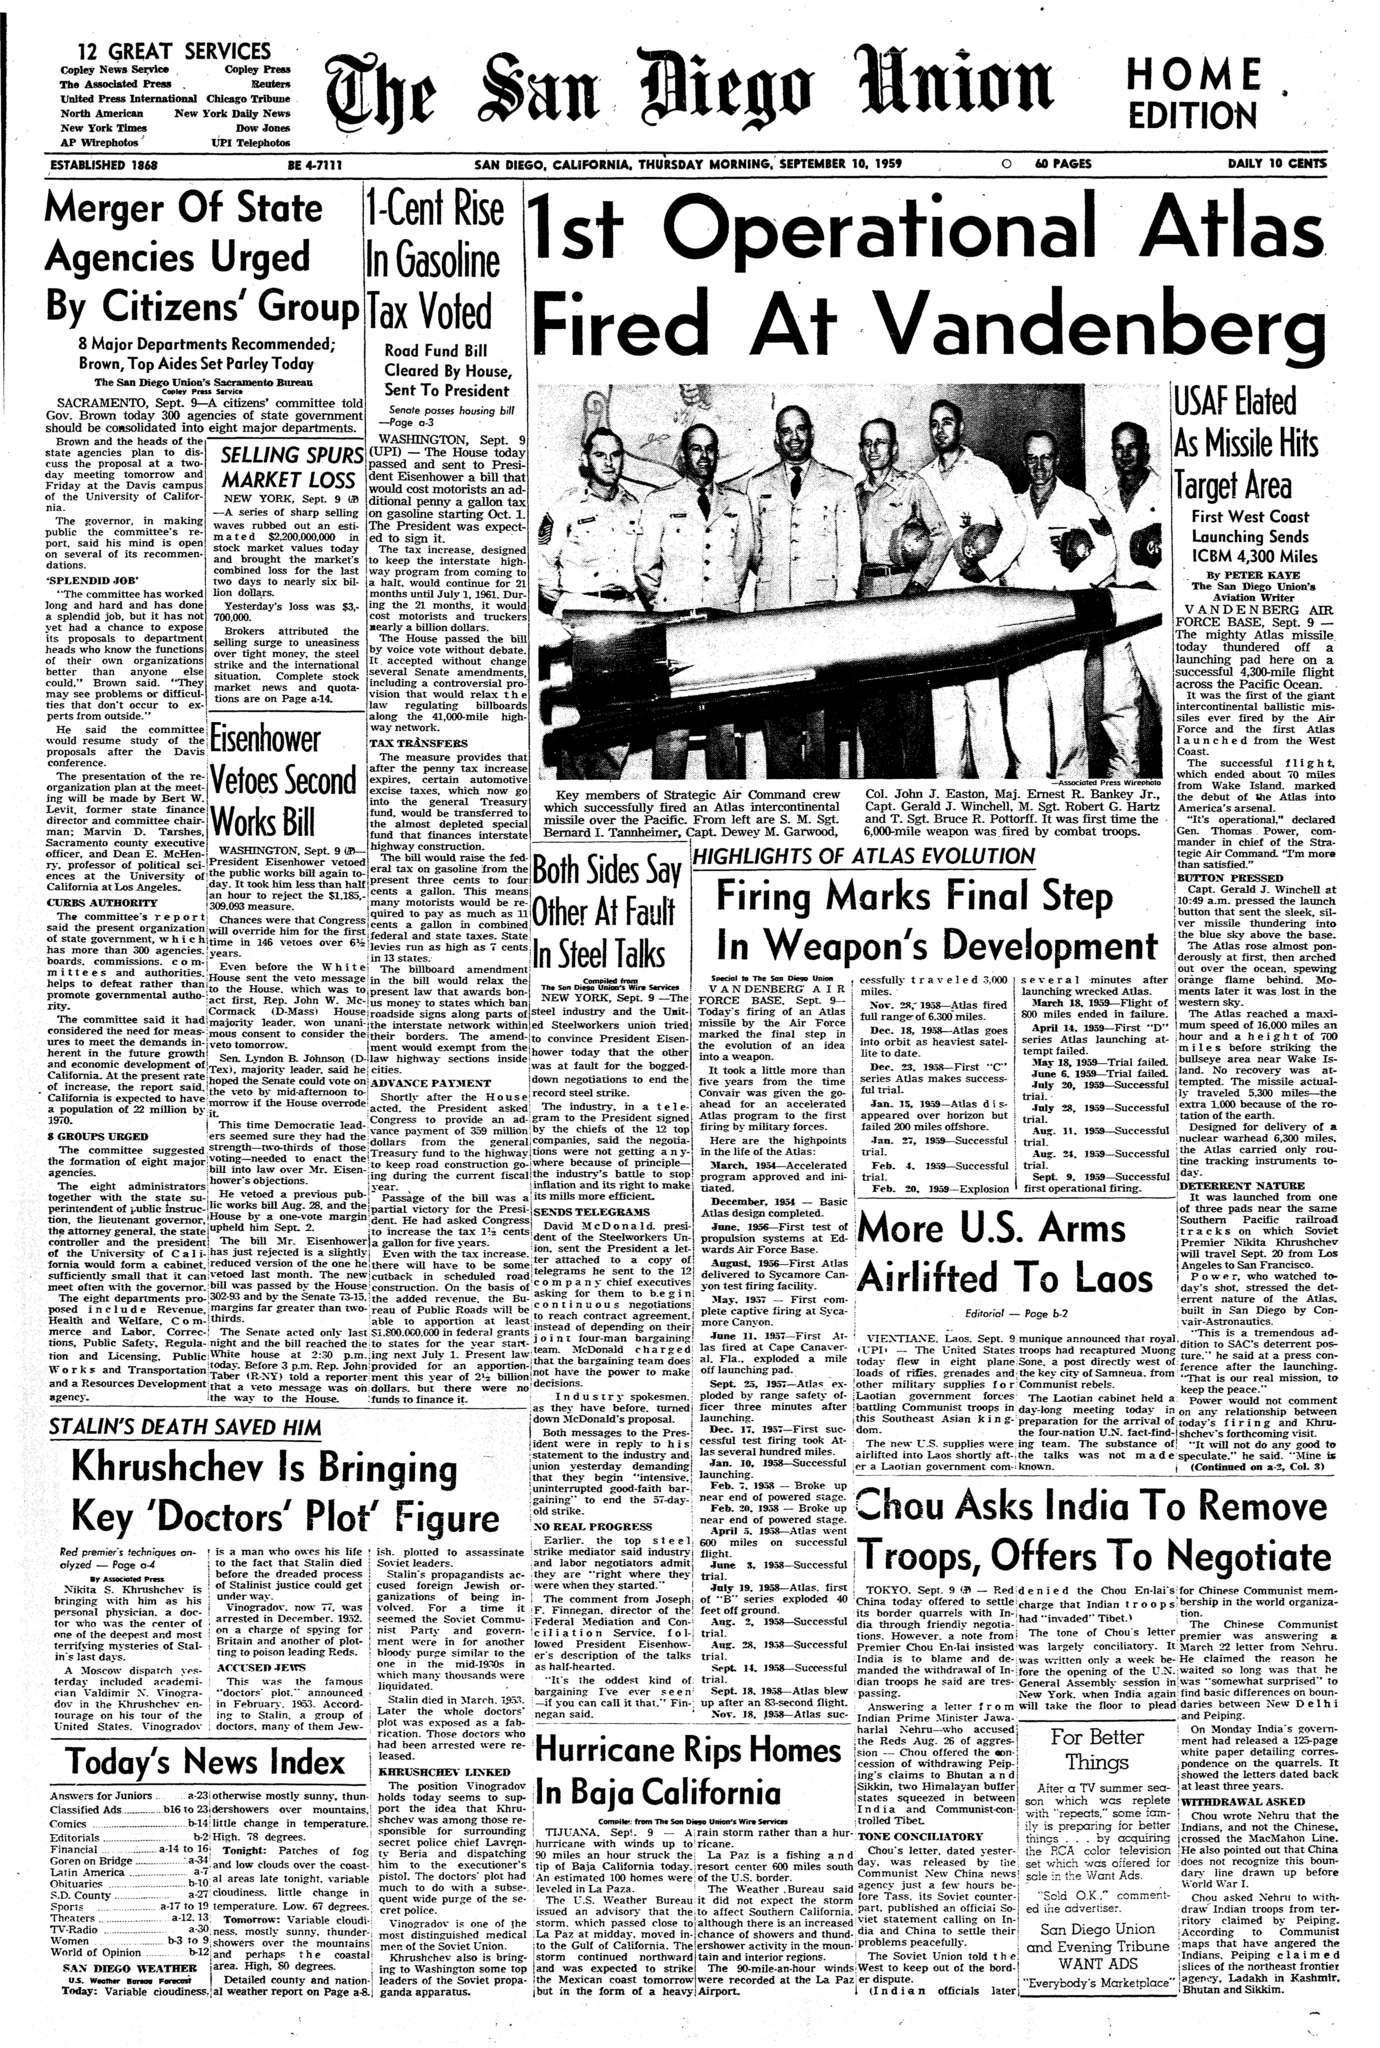 September 10, 1959